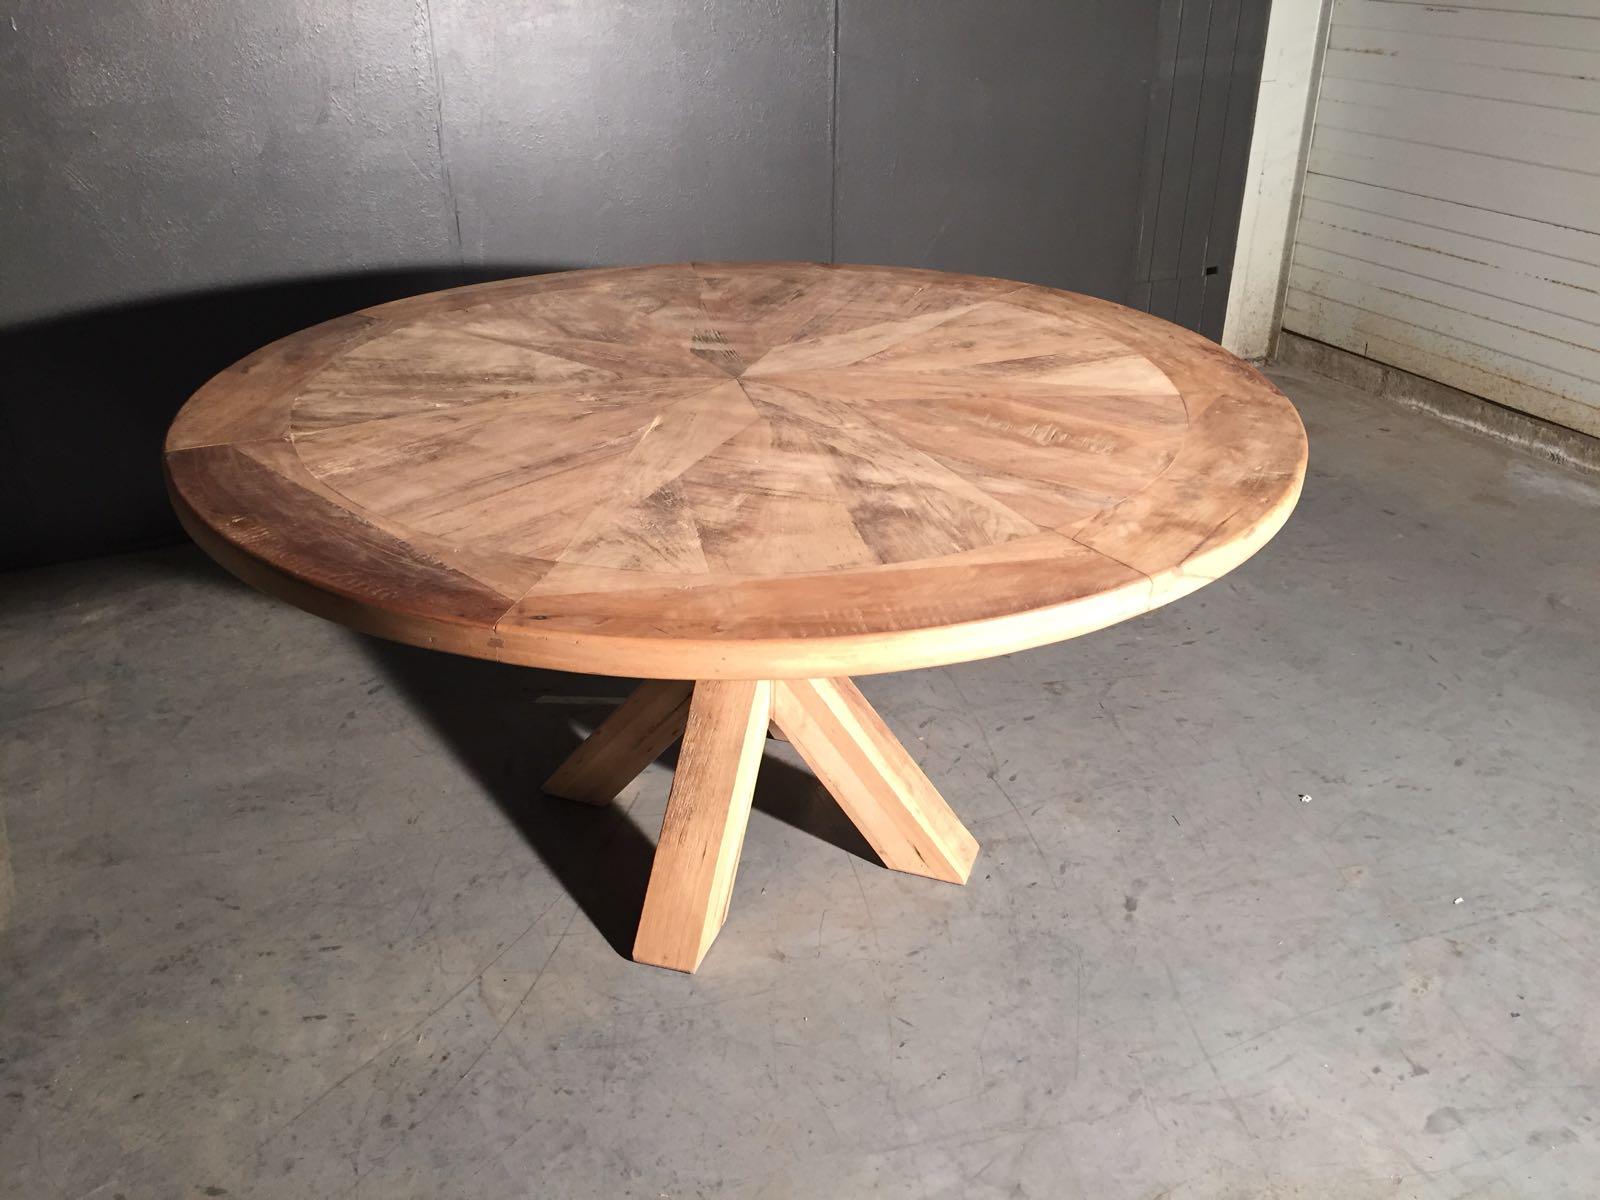 Tafels hedi meubelen